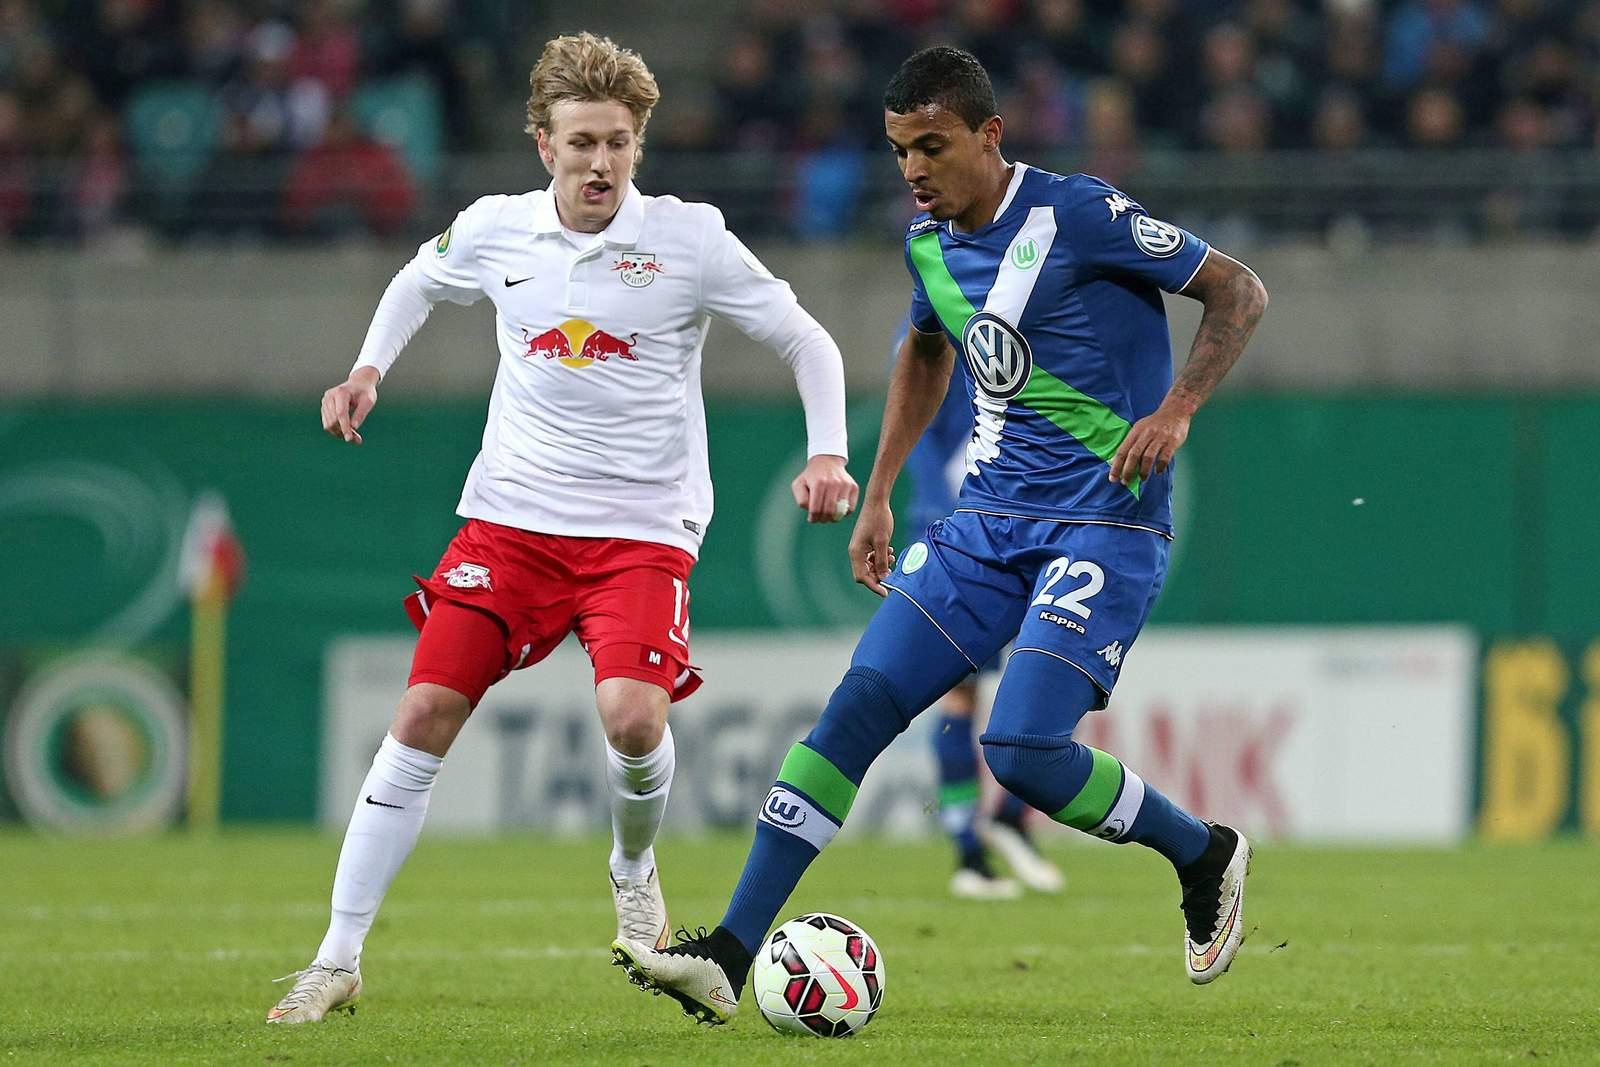 Setzt sich Gustavo gegen Forsberg durch? Jetzt auf Wolfsburg gegen Red Bull Leipzig wetten